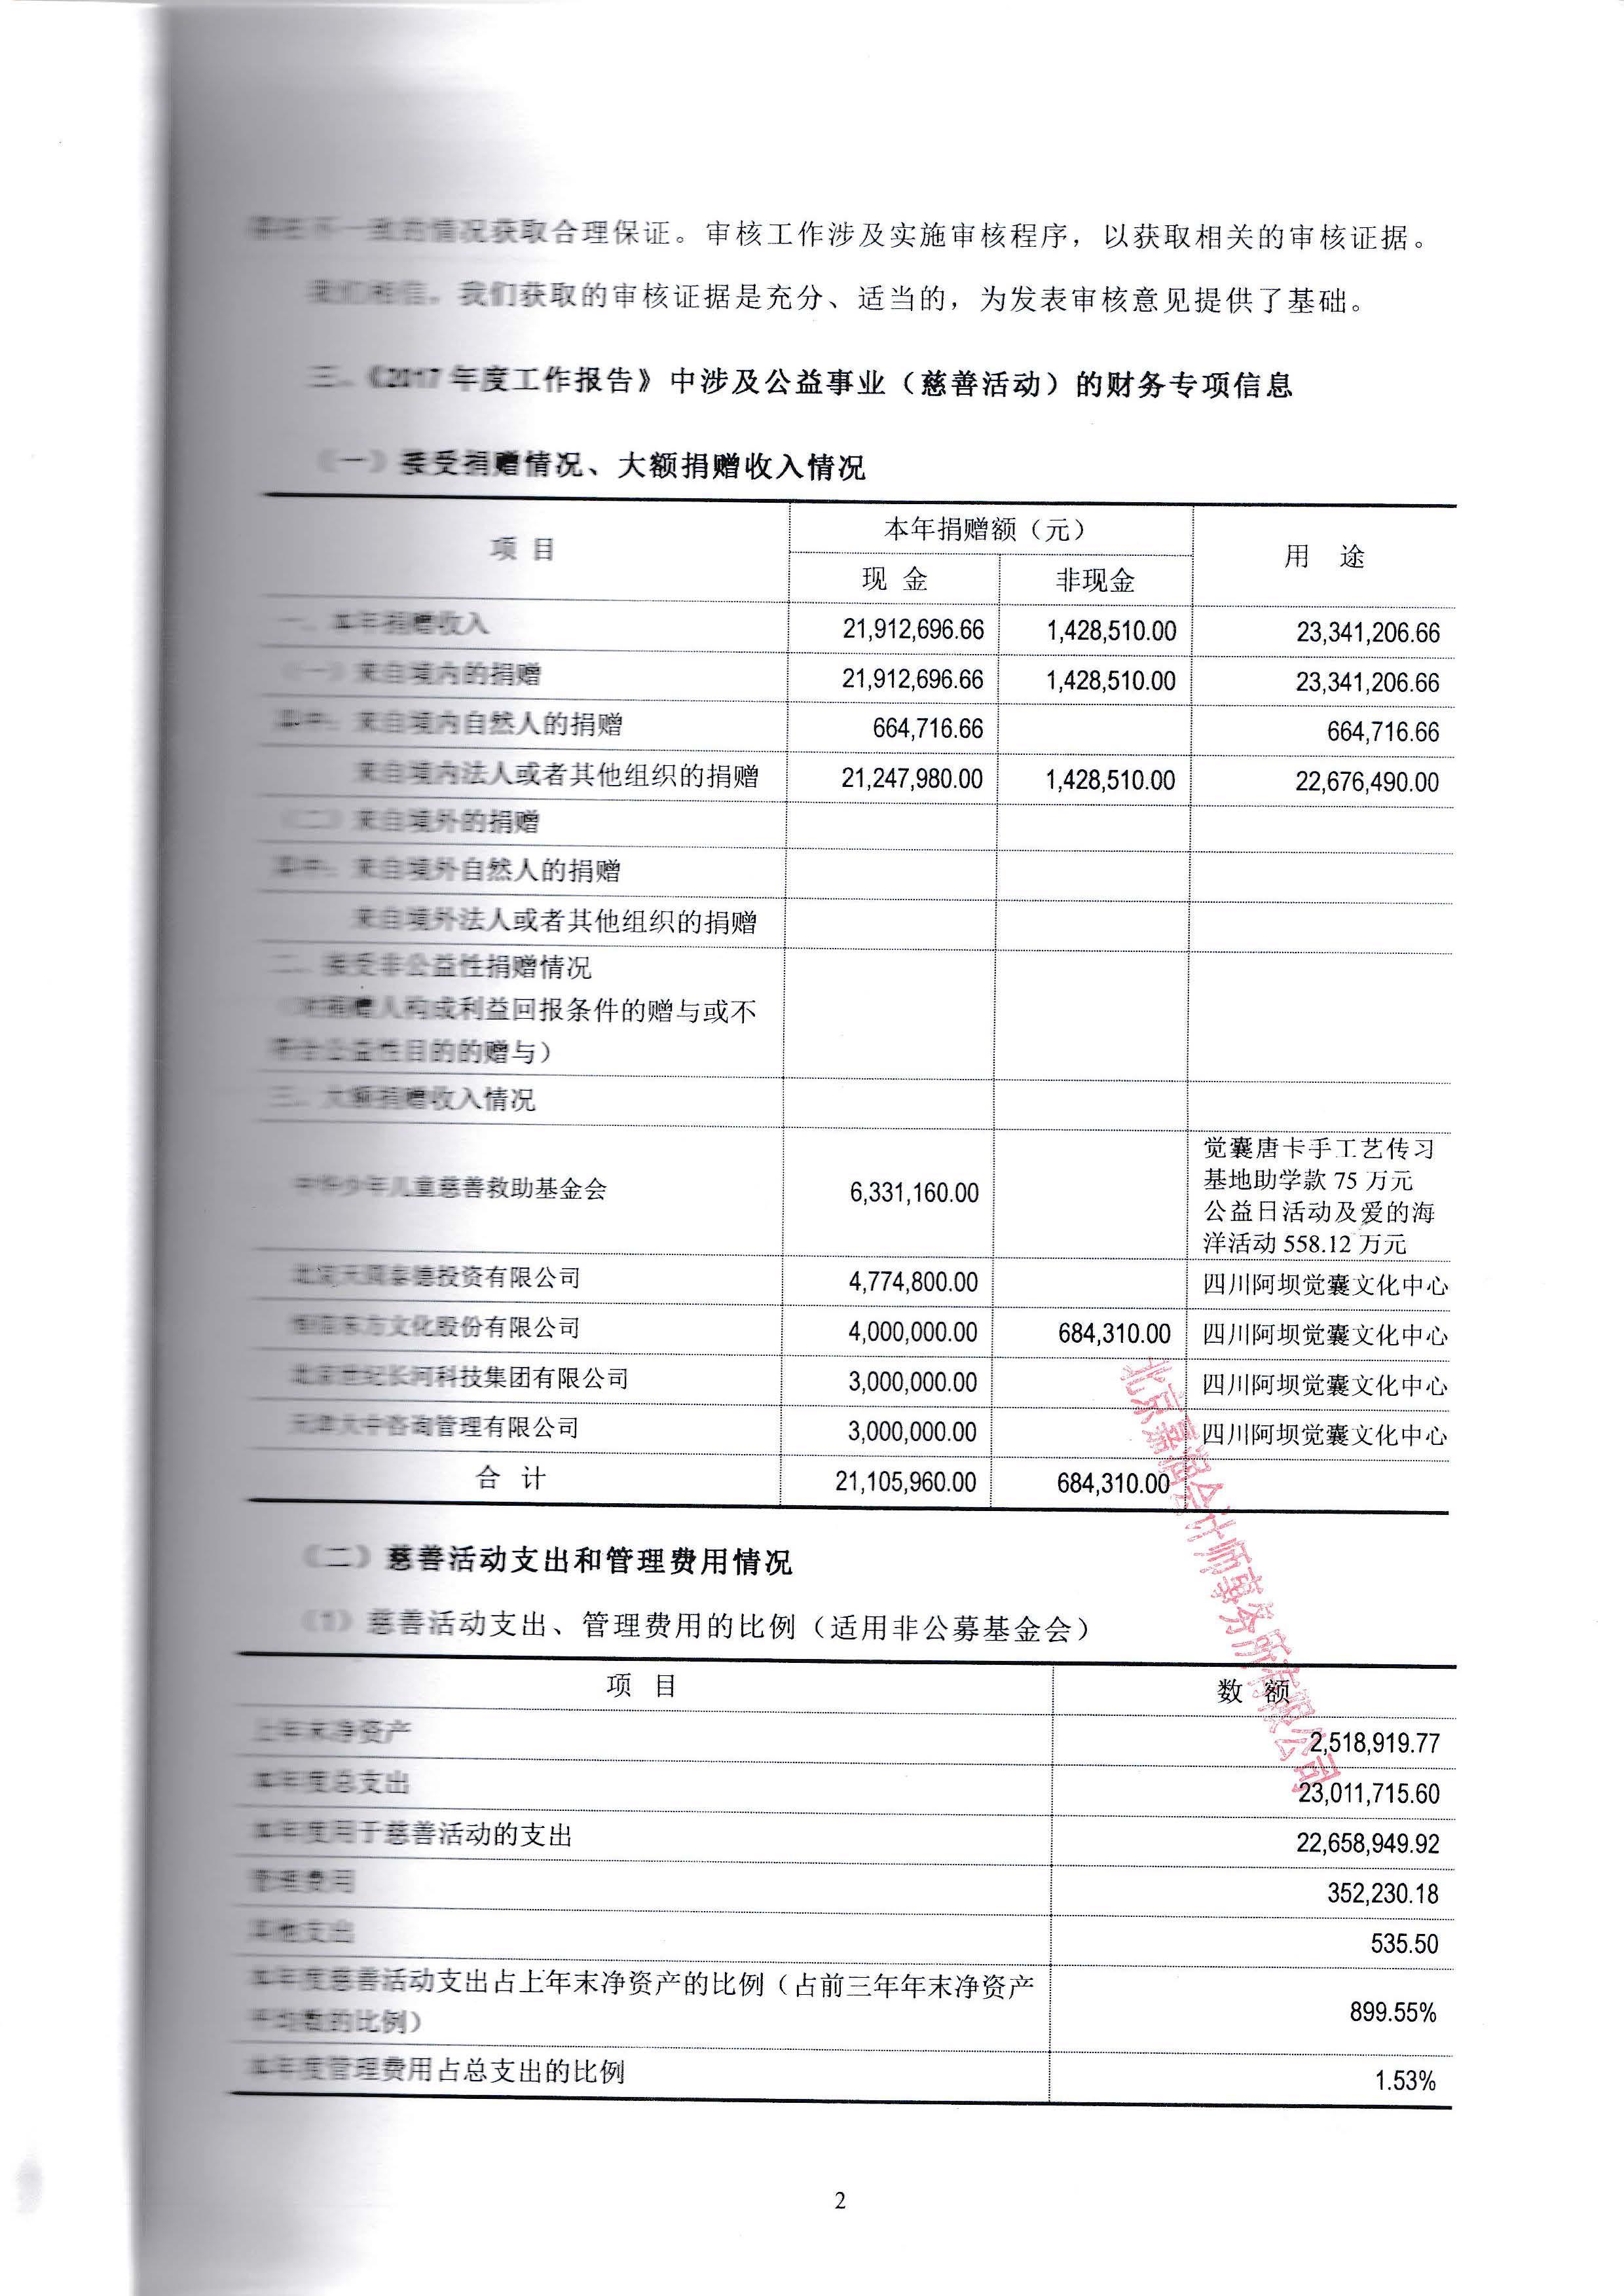 6具有资质的中介机构鉴证的上一年度财务报表和审计报告_页面_24